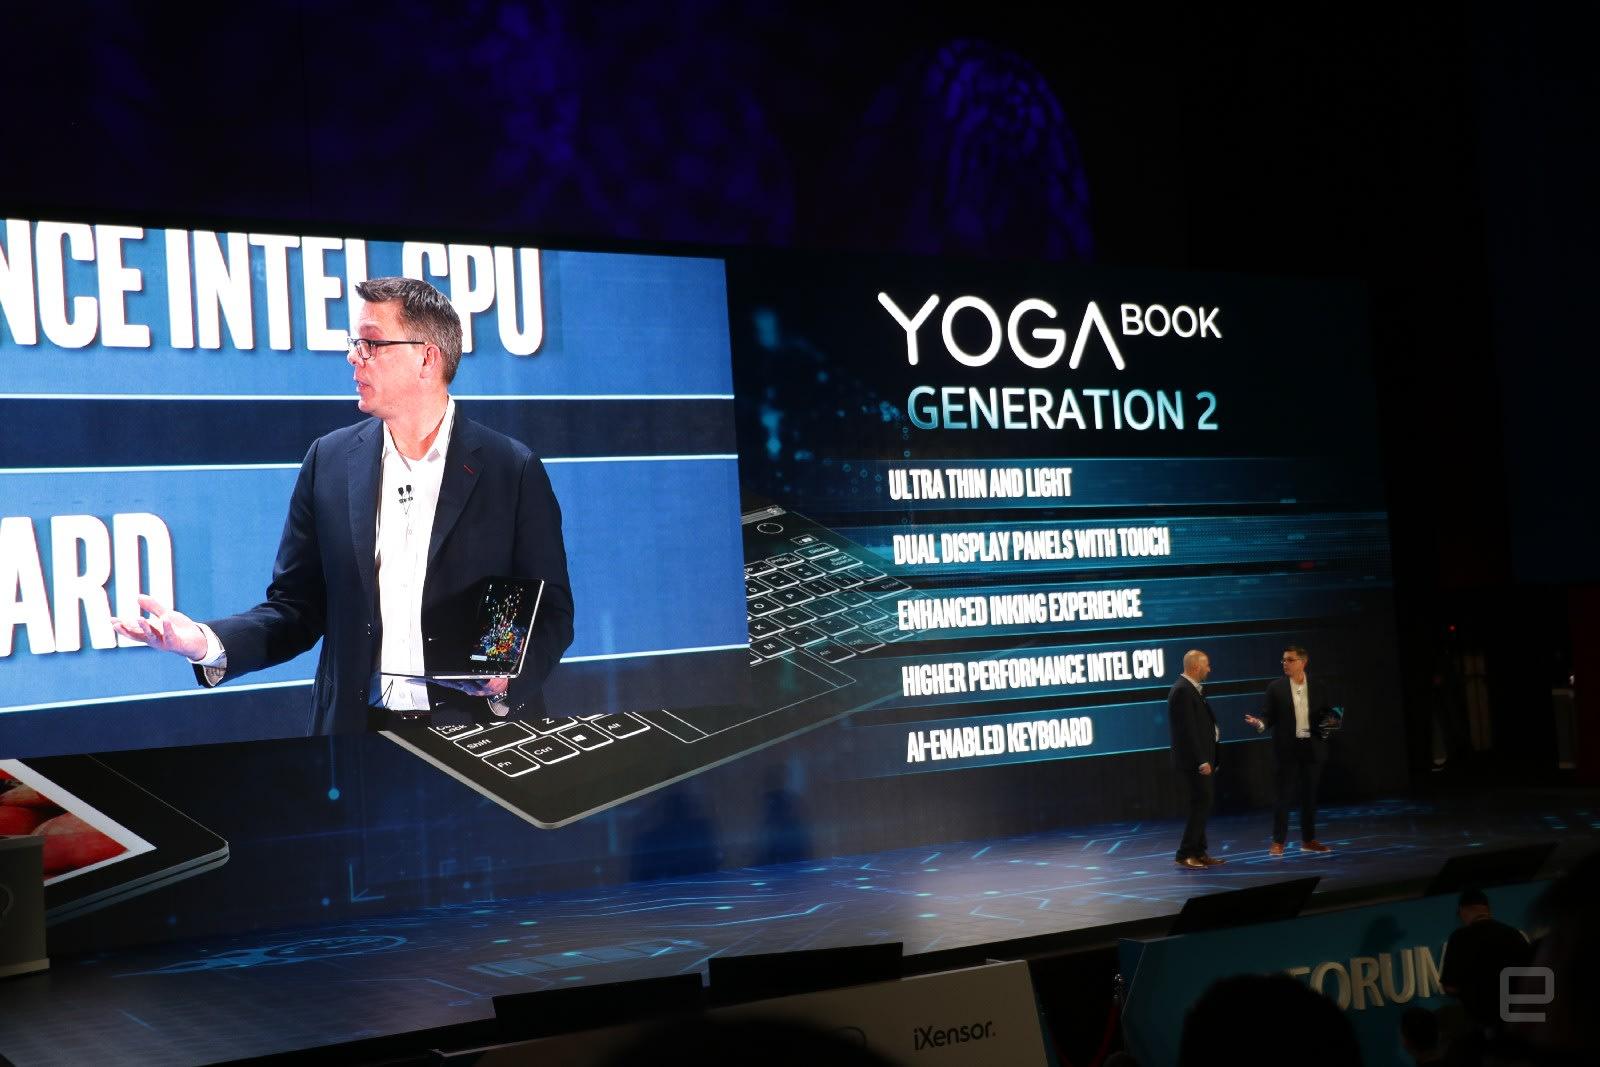 Lenovo's new Yoga Book actually has dual screens